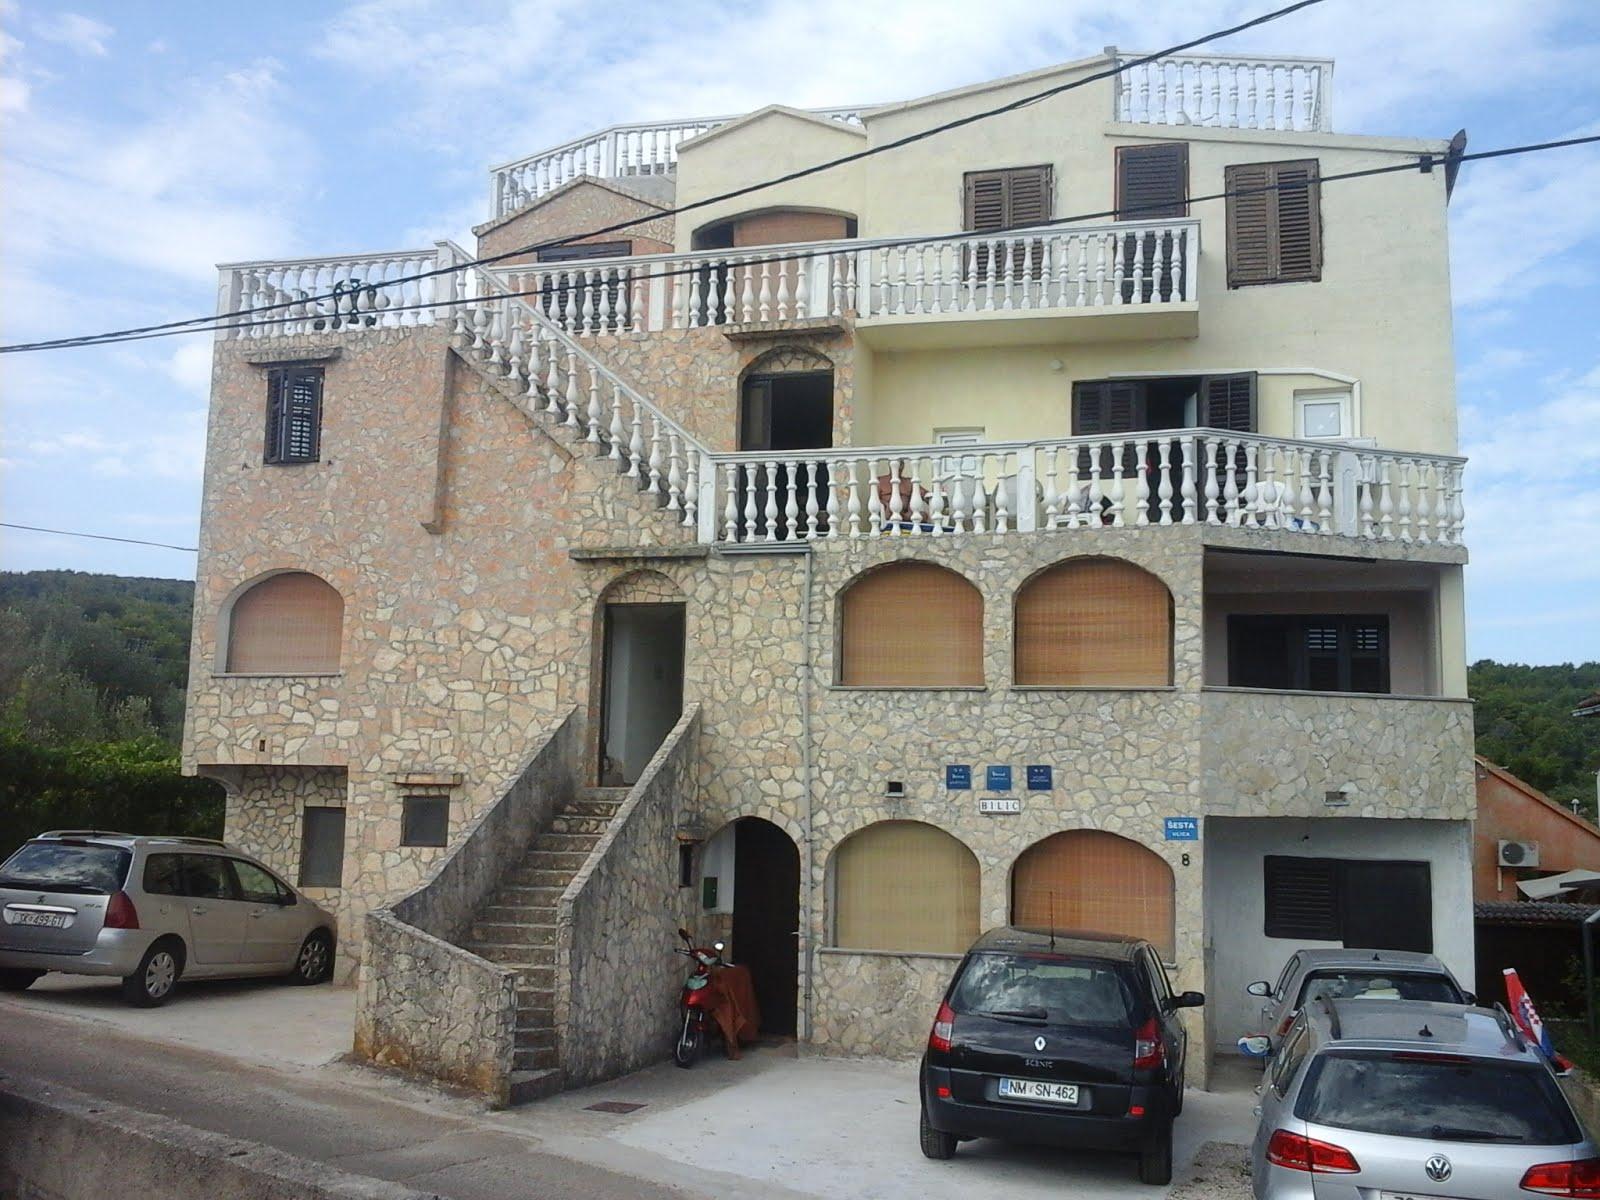 Ždrelac, otok Pašman,Zadar, Dalmacija, Hrvatska